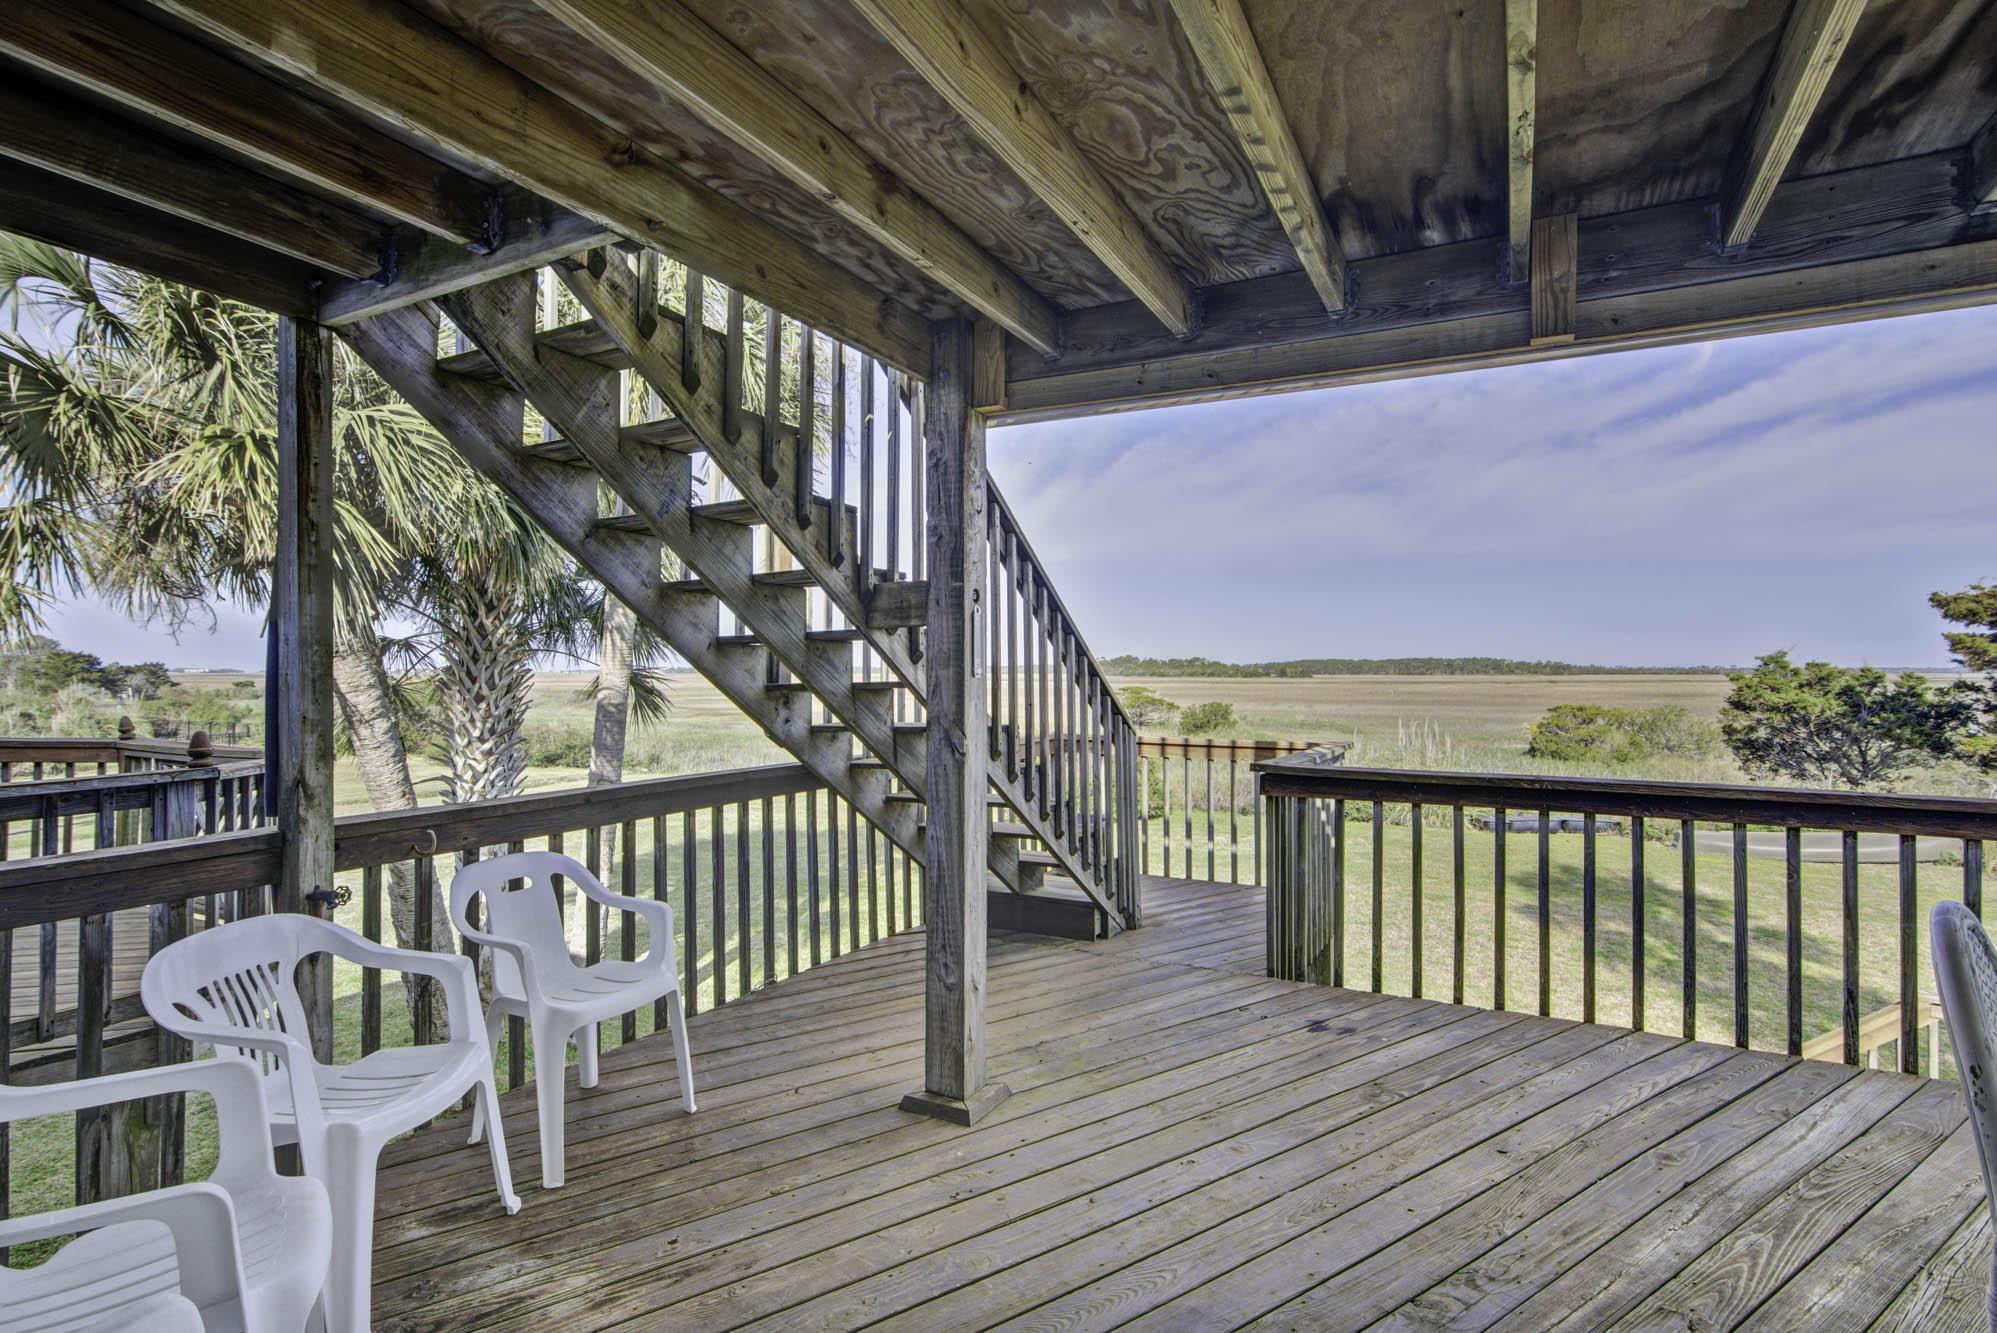 E Folly Bch Shores Homes For Sale - 1662 Ashley, Folly Beach, SC - 1